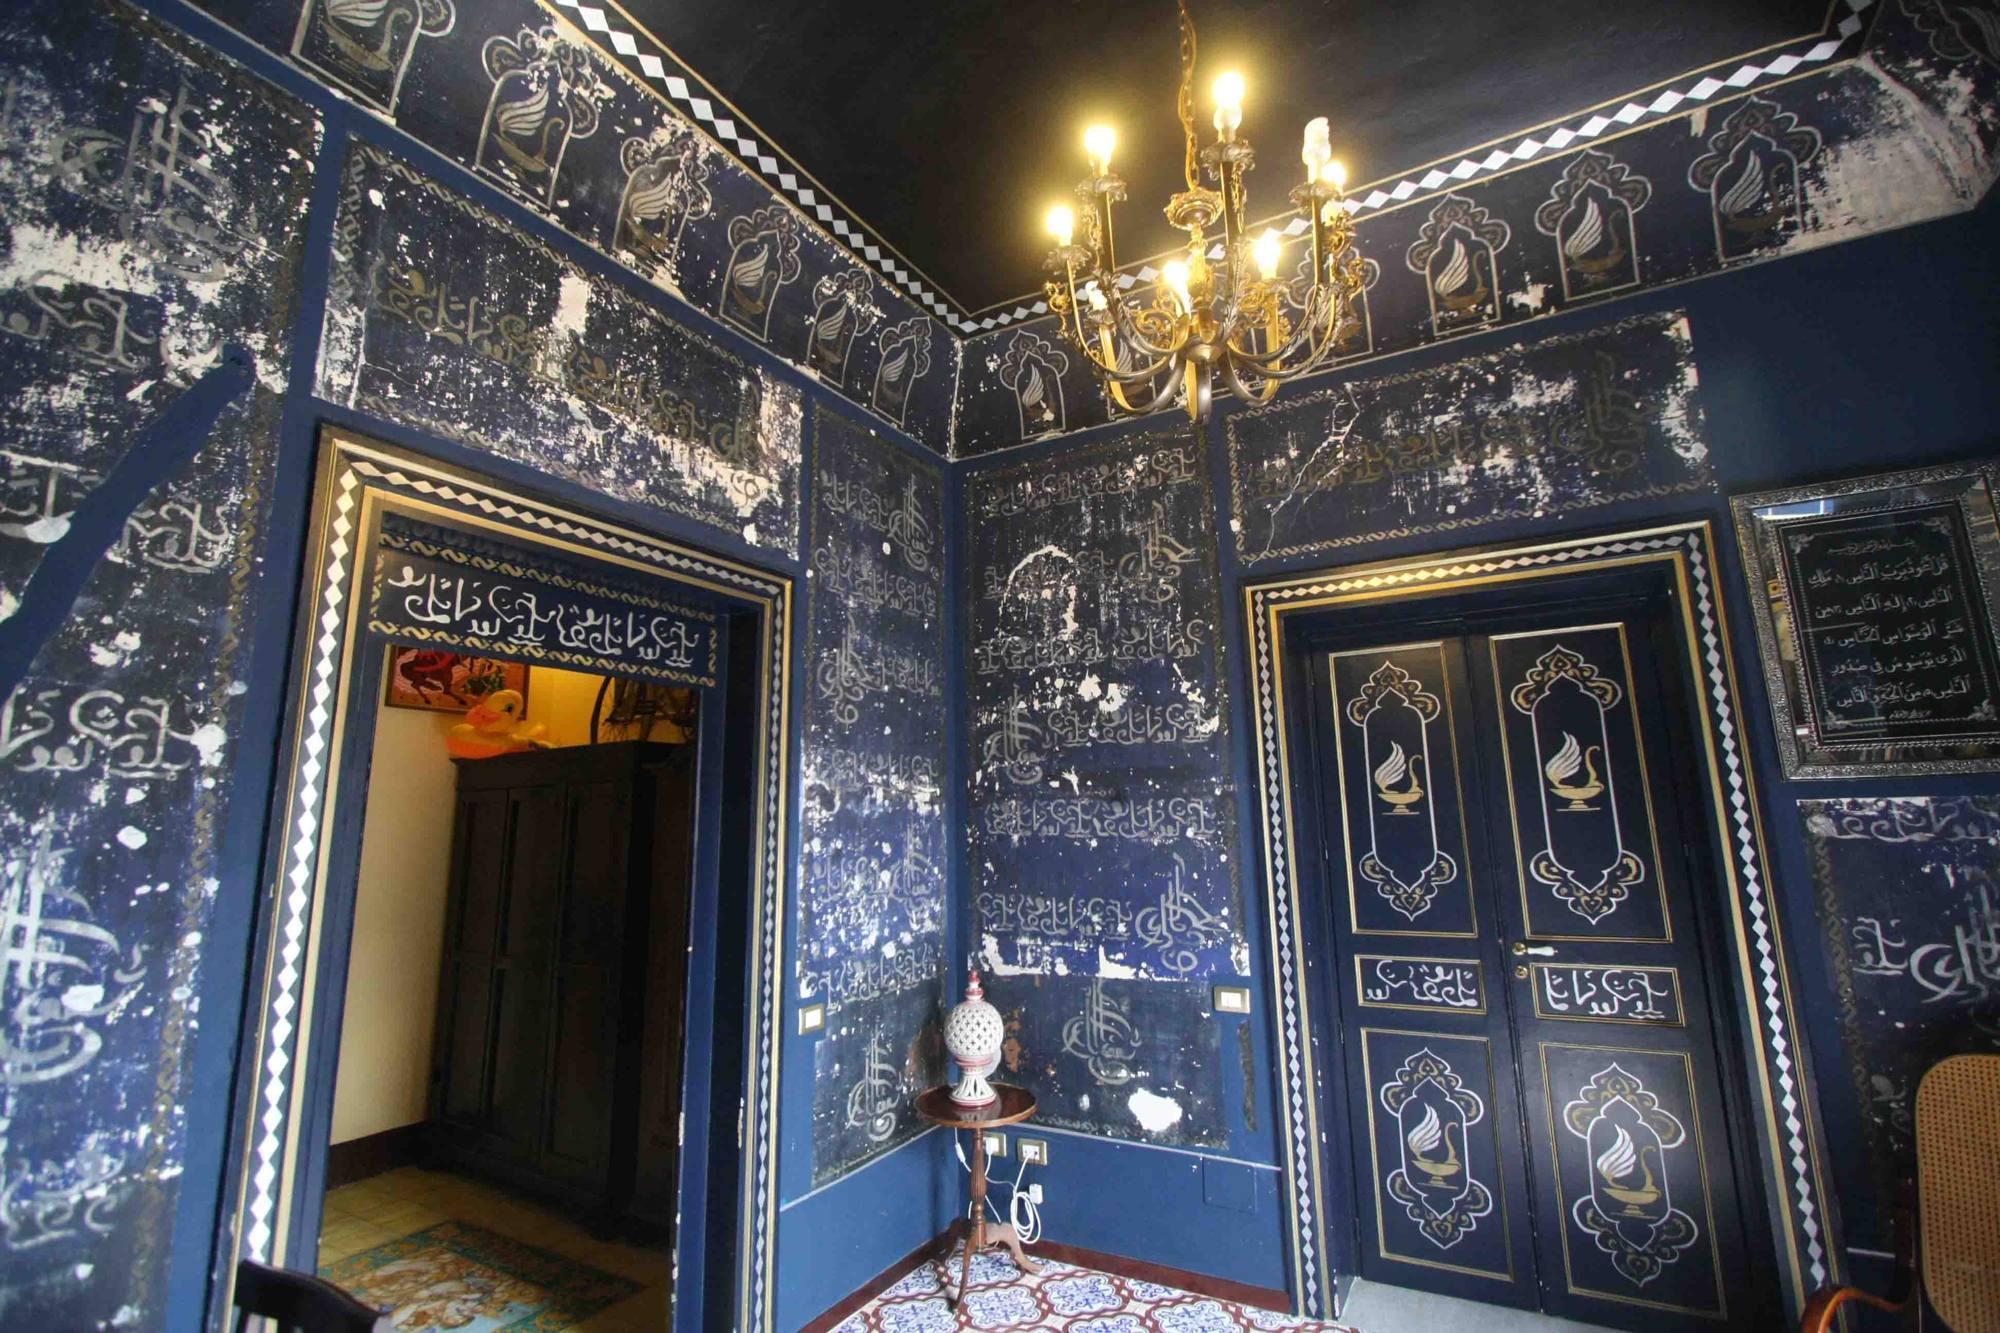 La stanza-moschea scoperta in un appartamento in via Porta di Castro, a Palermo